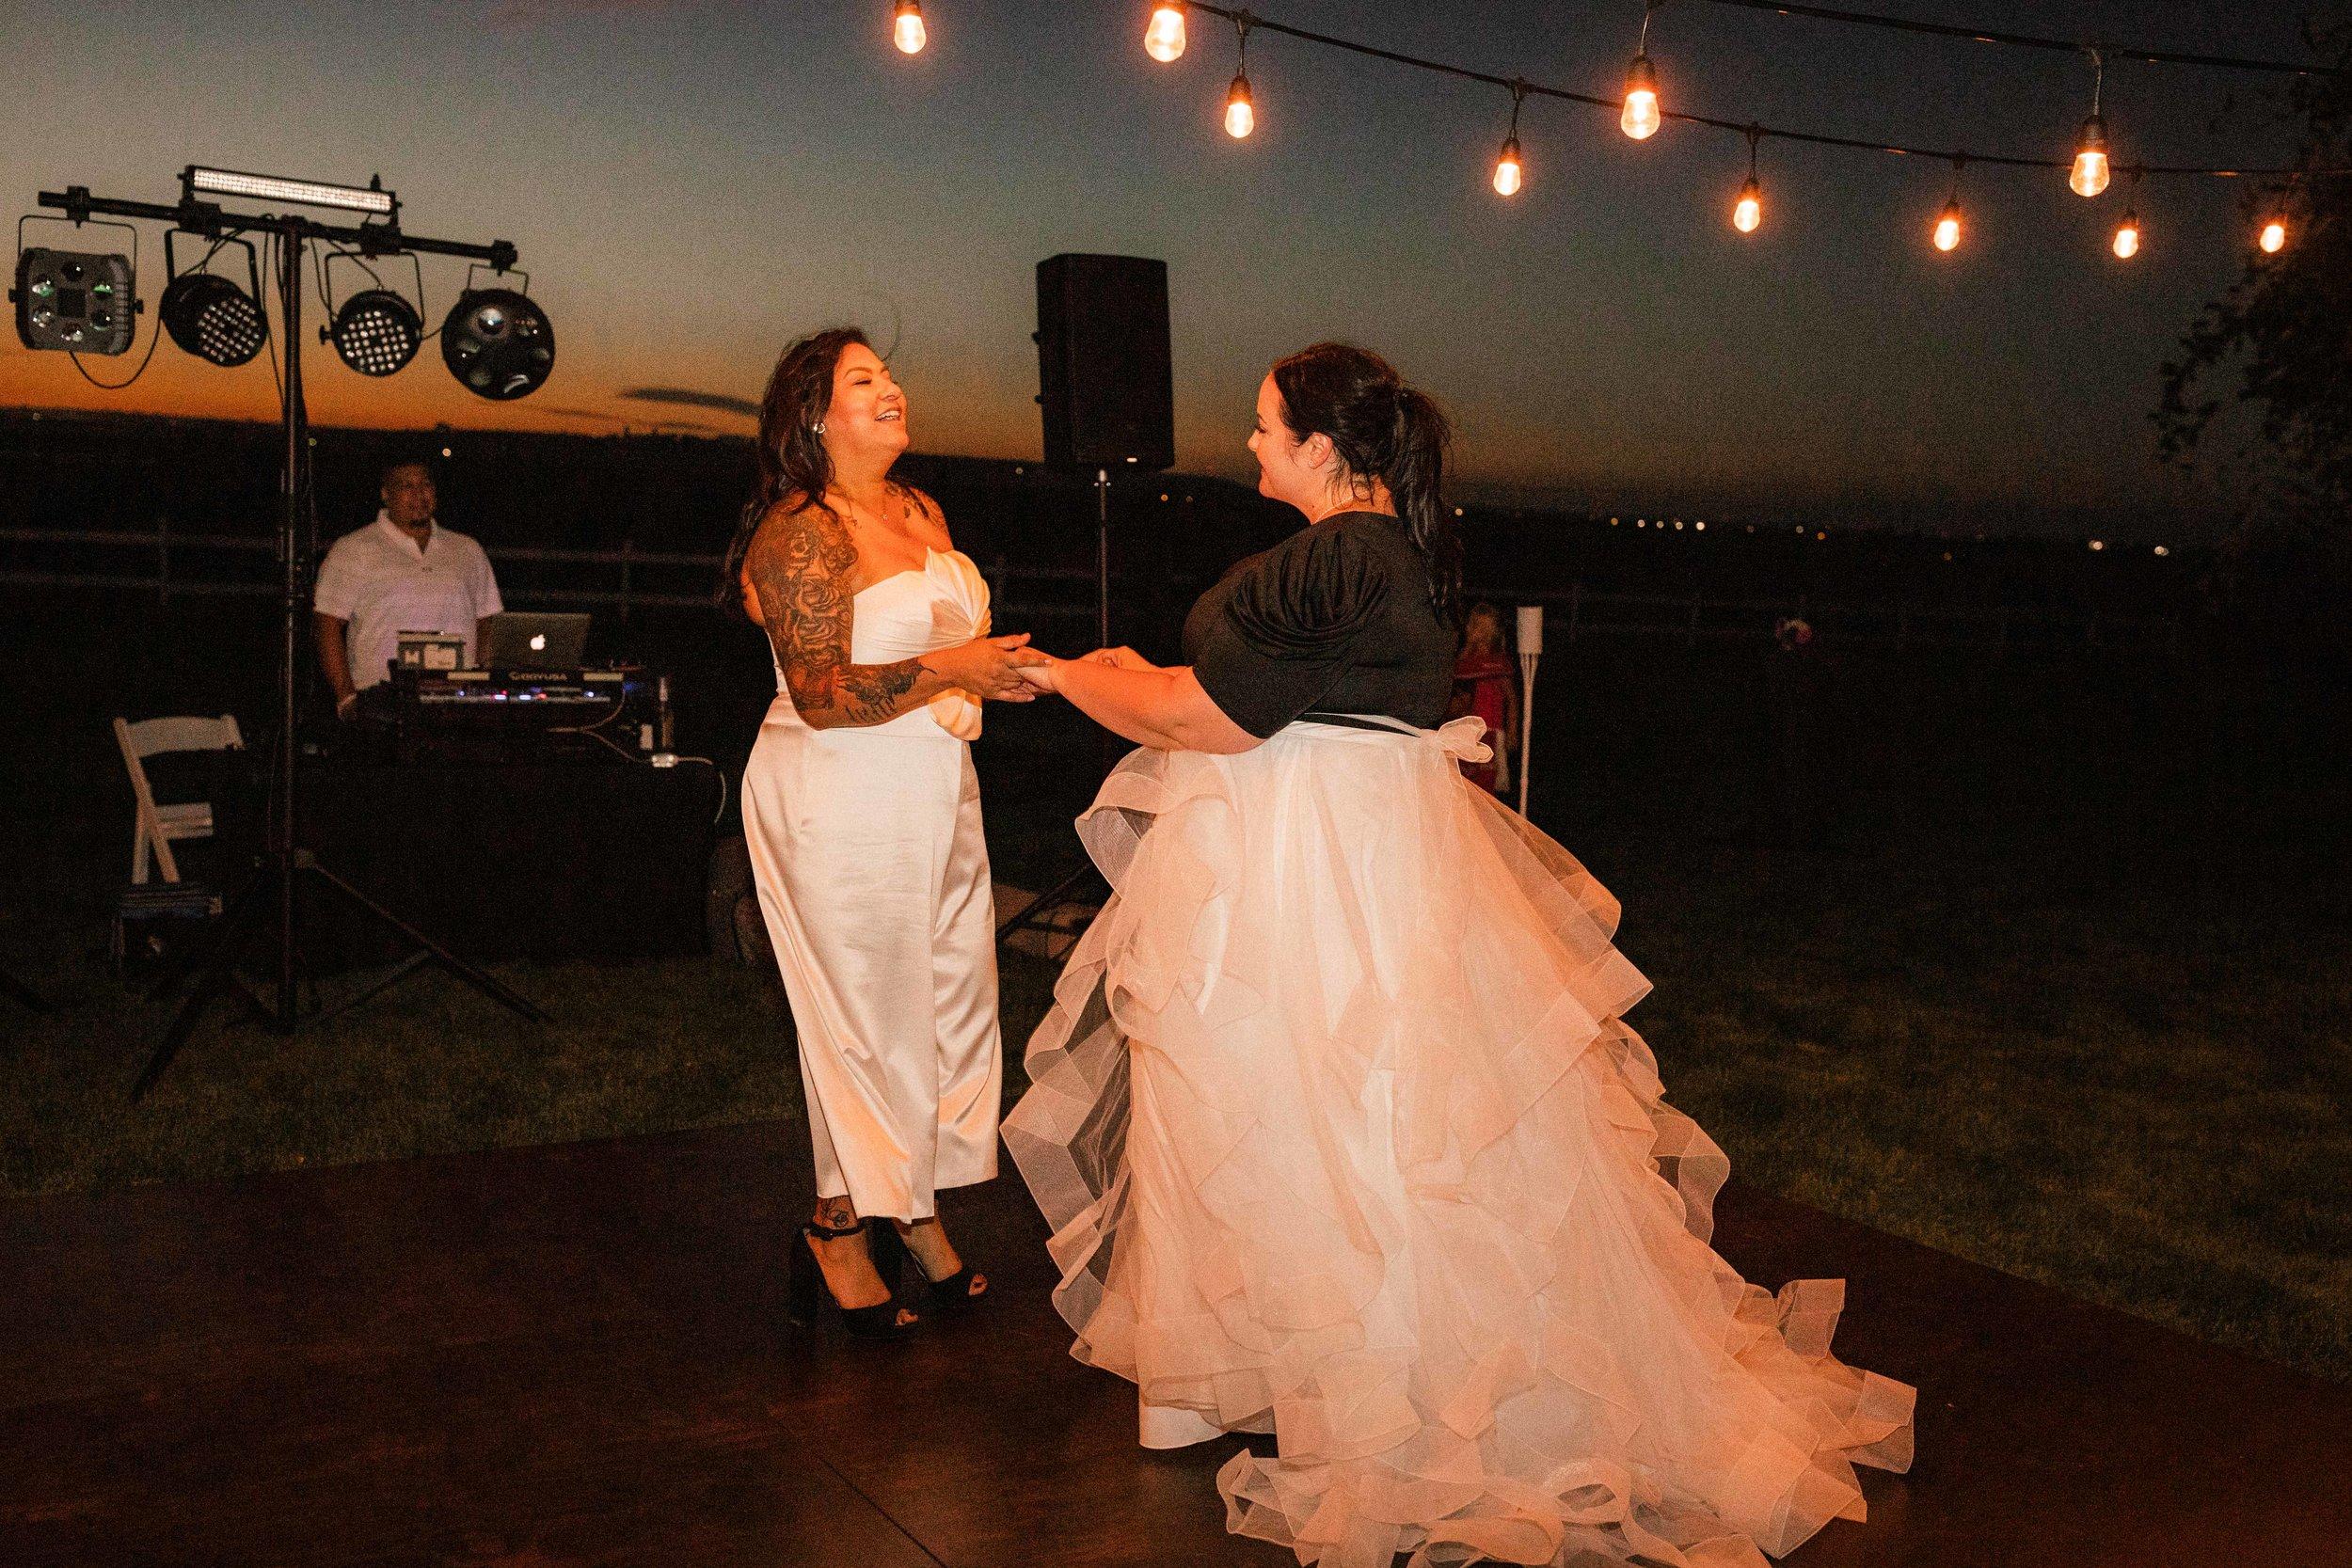 pasco-wedding-photos-58.jpg